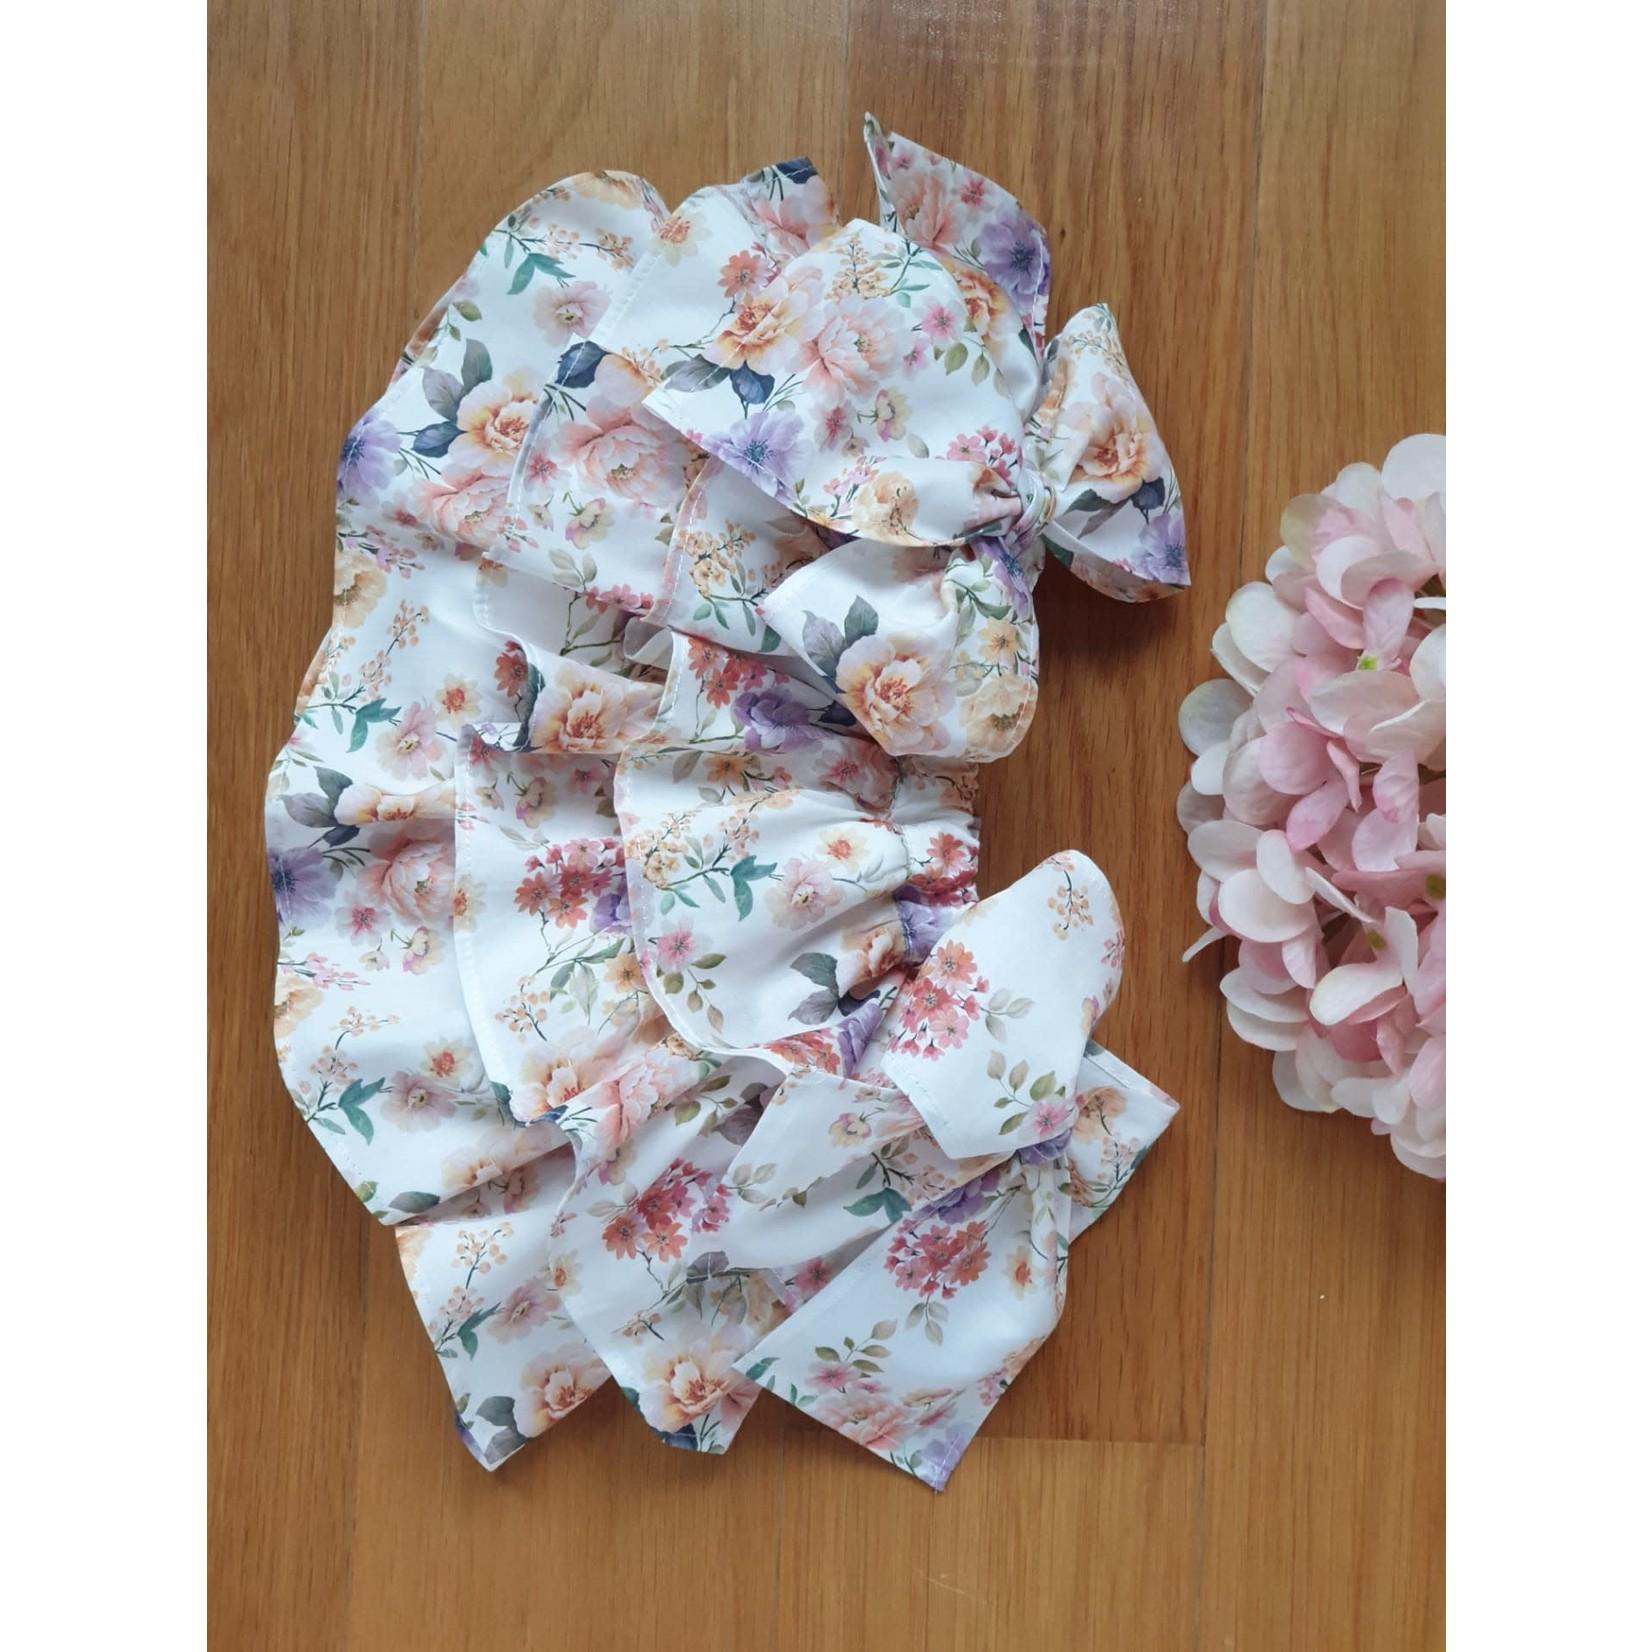 Petite Zara Bloomer Skirt Sisi